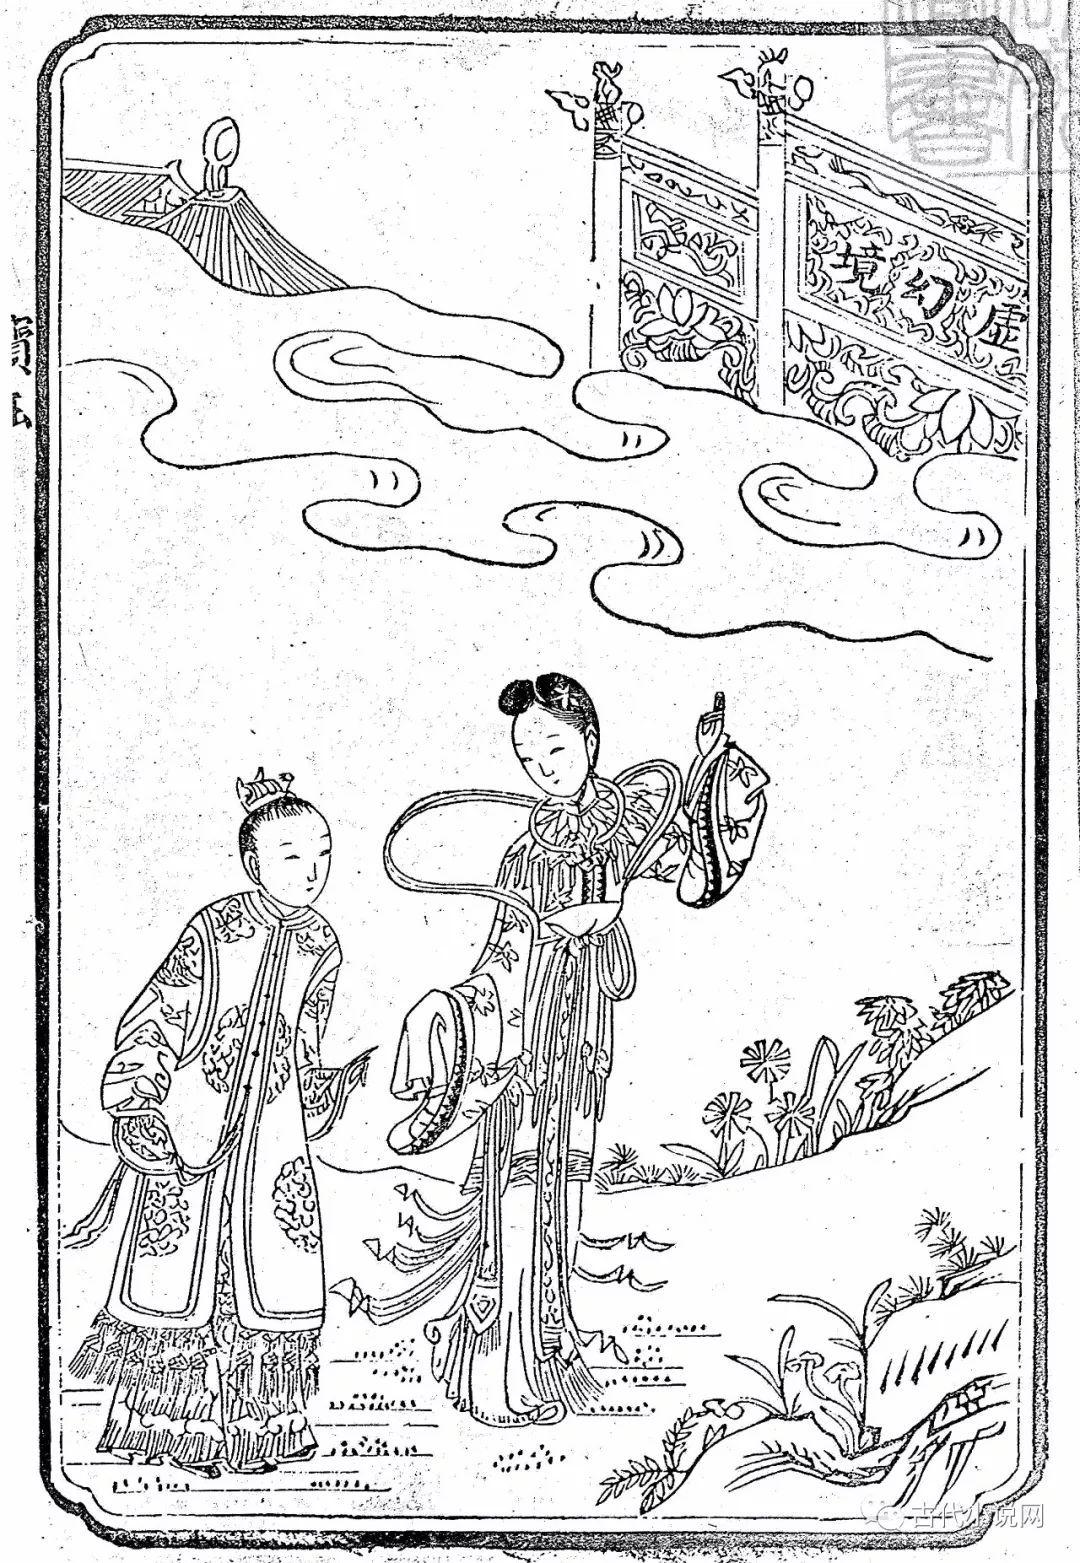 刘上生 人格意志和仁爱情怀 红楼梦 第四十一回回目研读札记